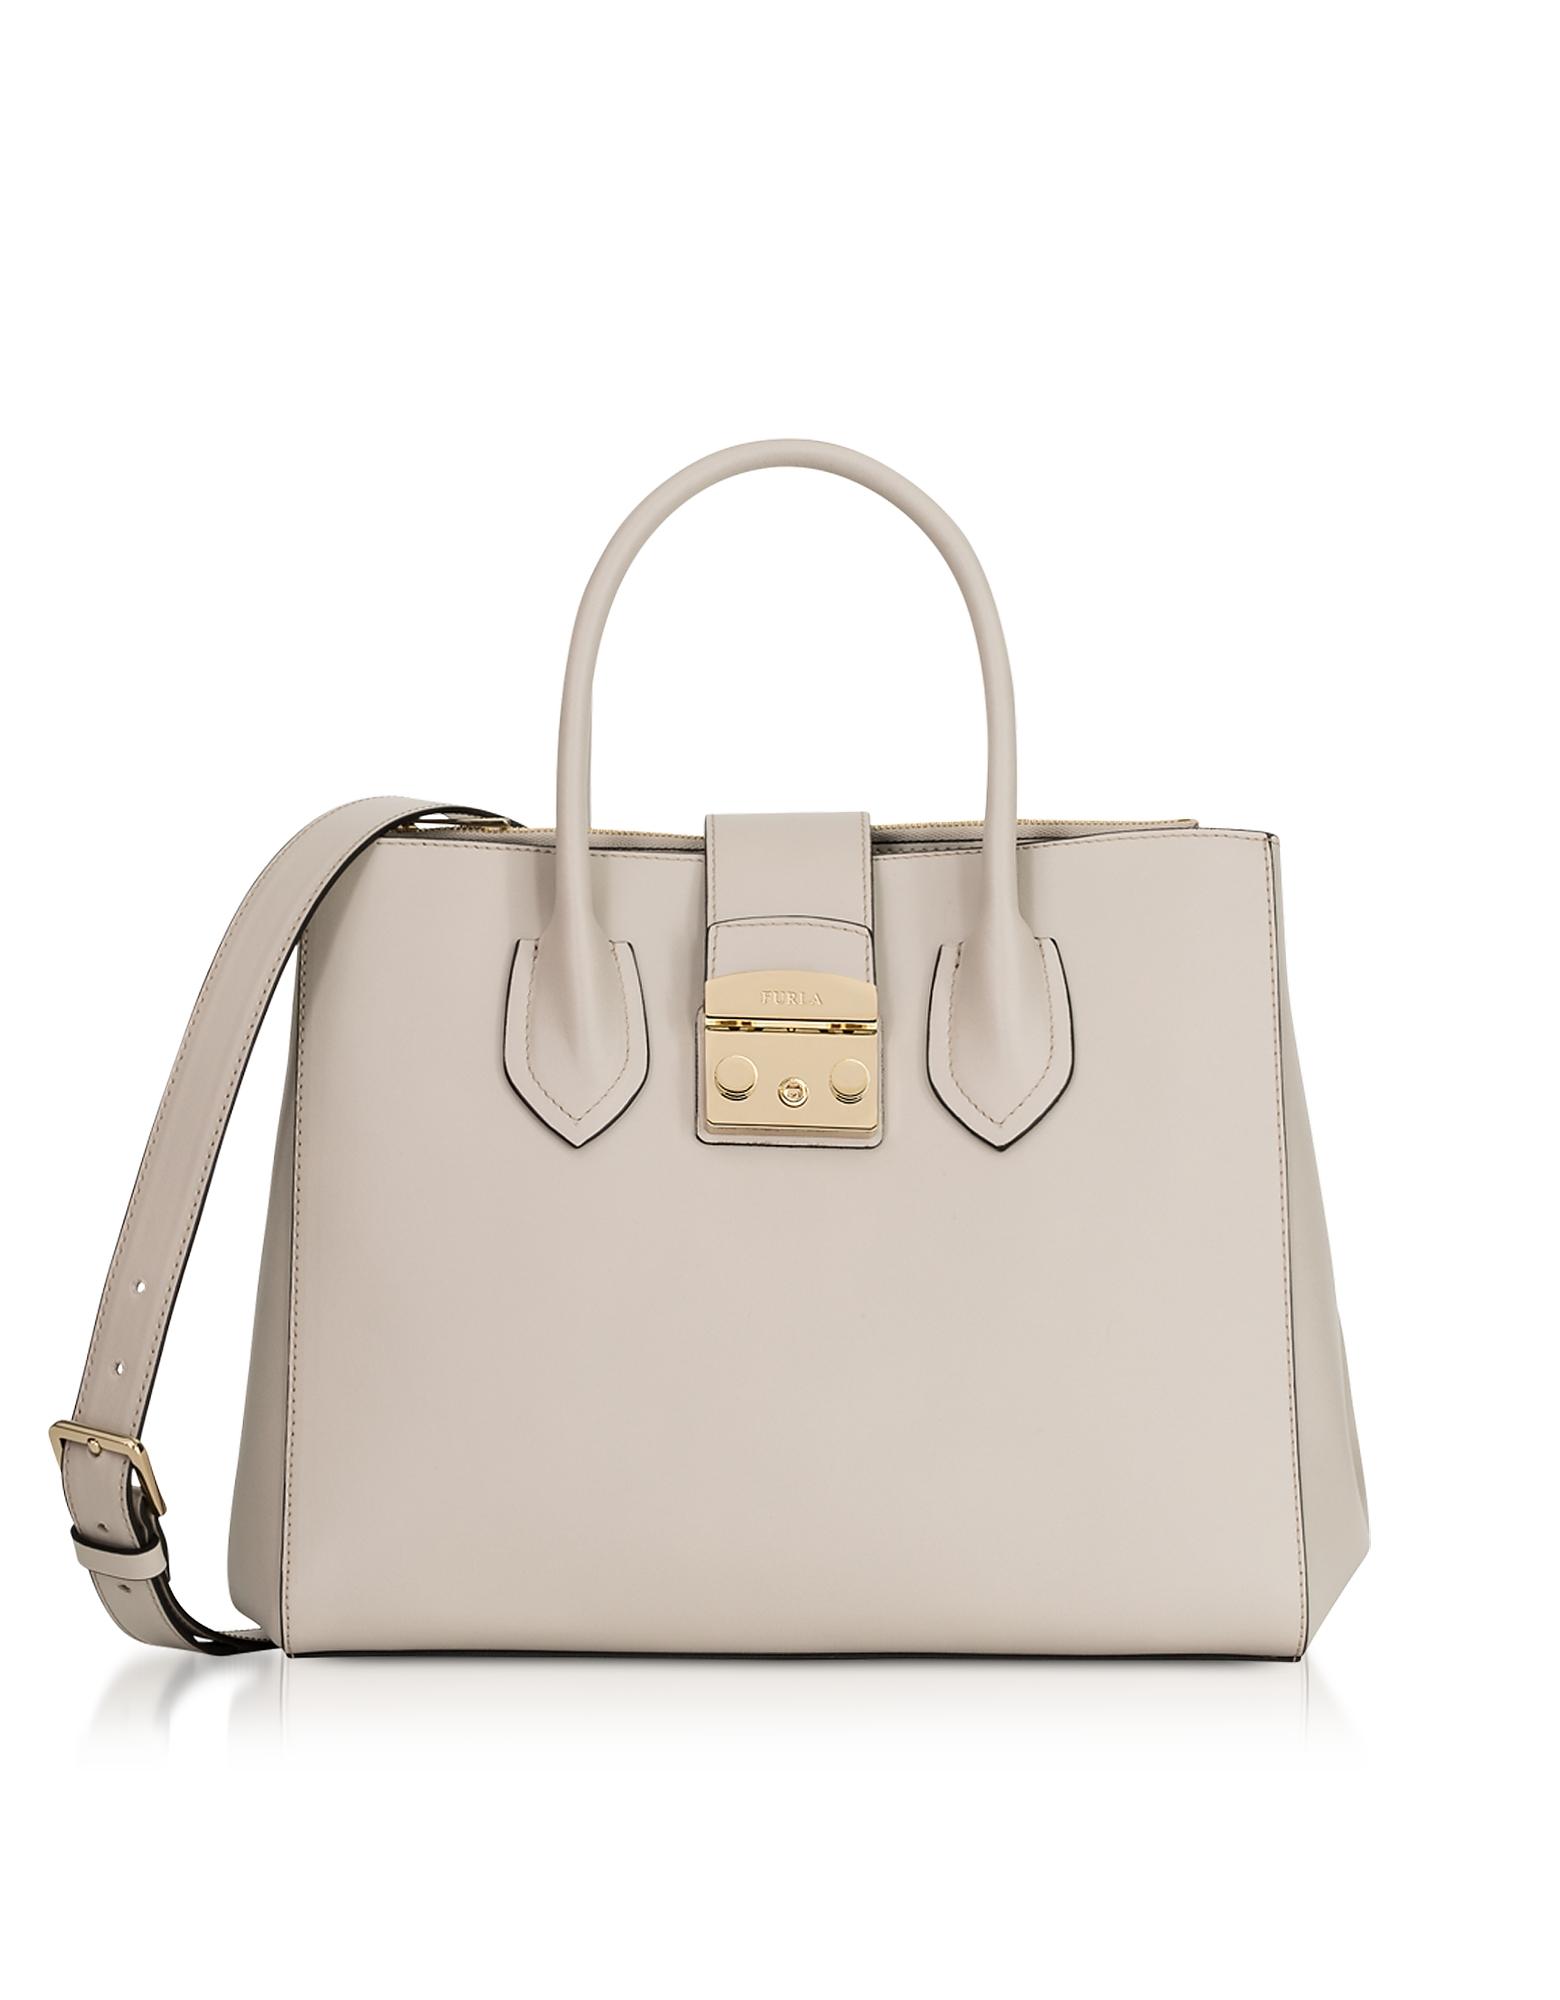 Furla Handbags, Vaniglia Metropolis M Tote Bag